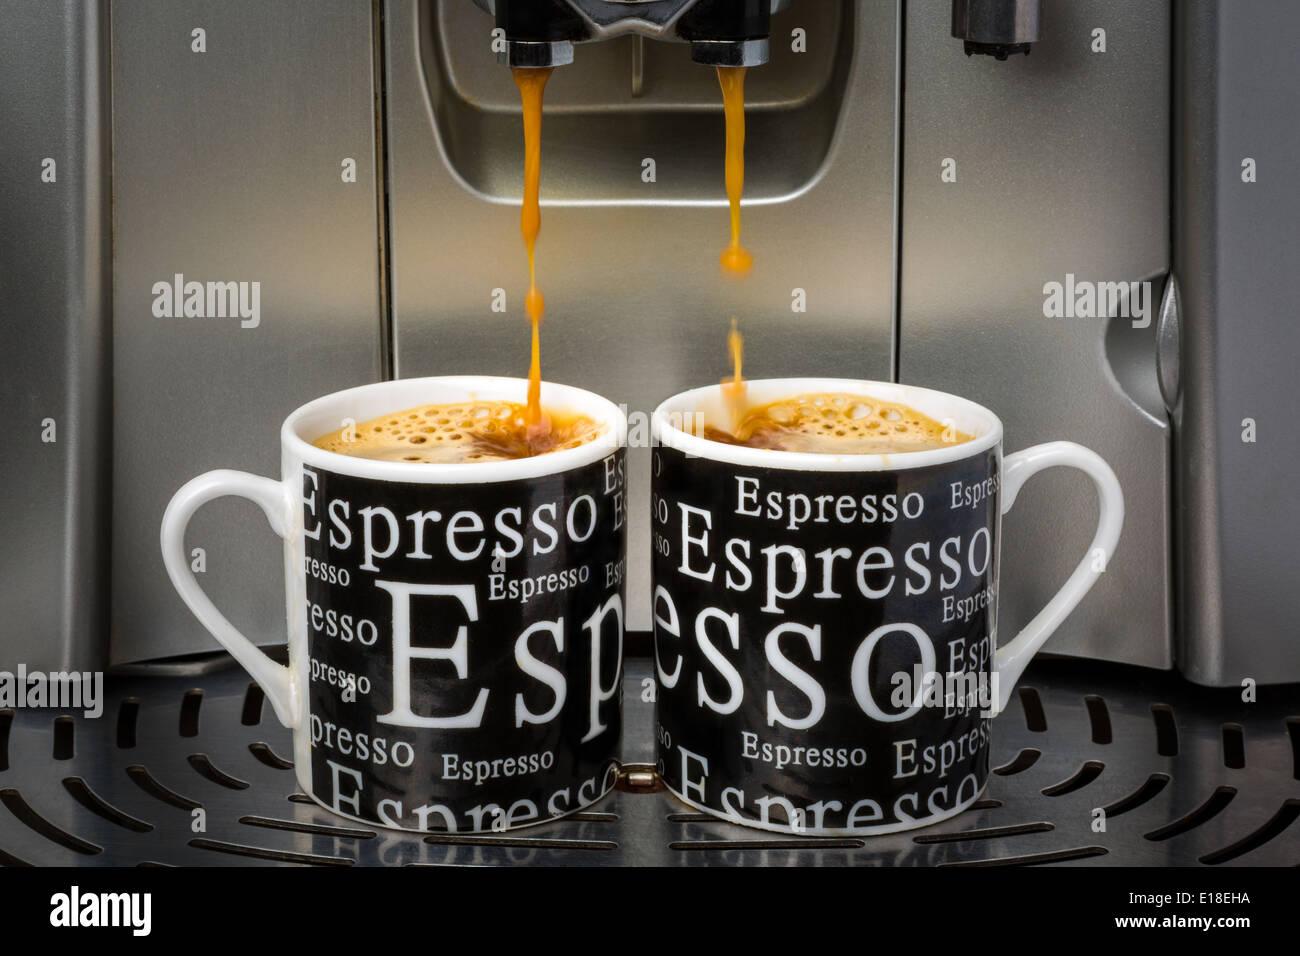 Dos tazas Espresso llena automáticamente por una máquina espresso Imagen De Stock